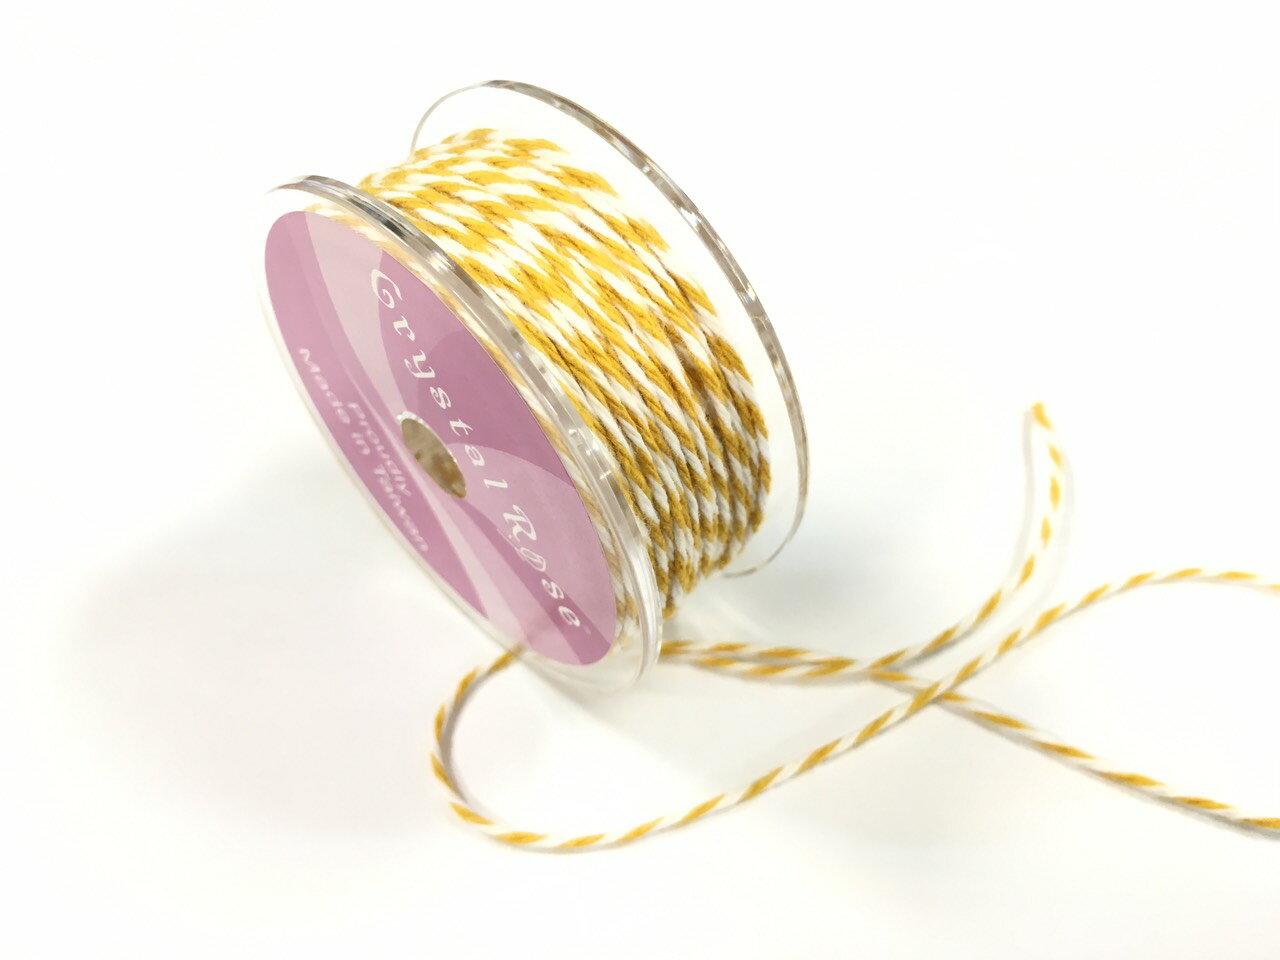 雙色綿繩緞帶 2mm 10碼裝 (11色)